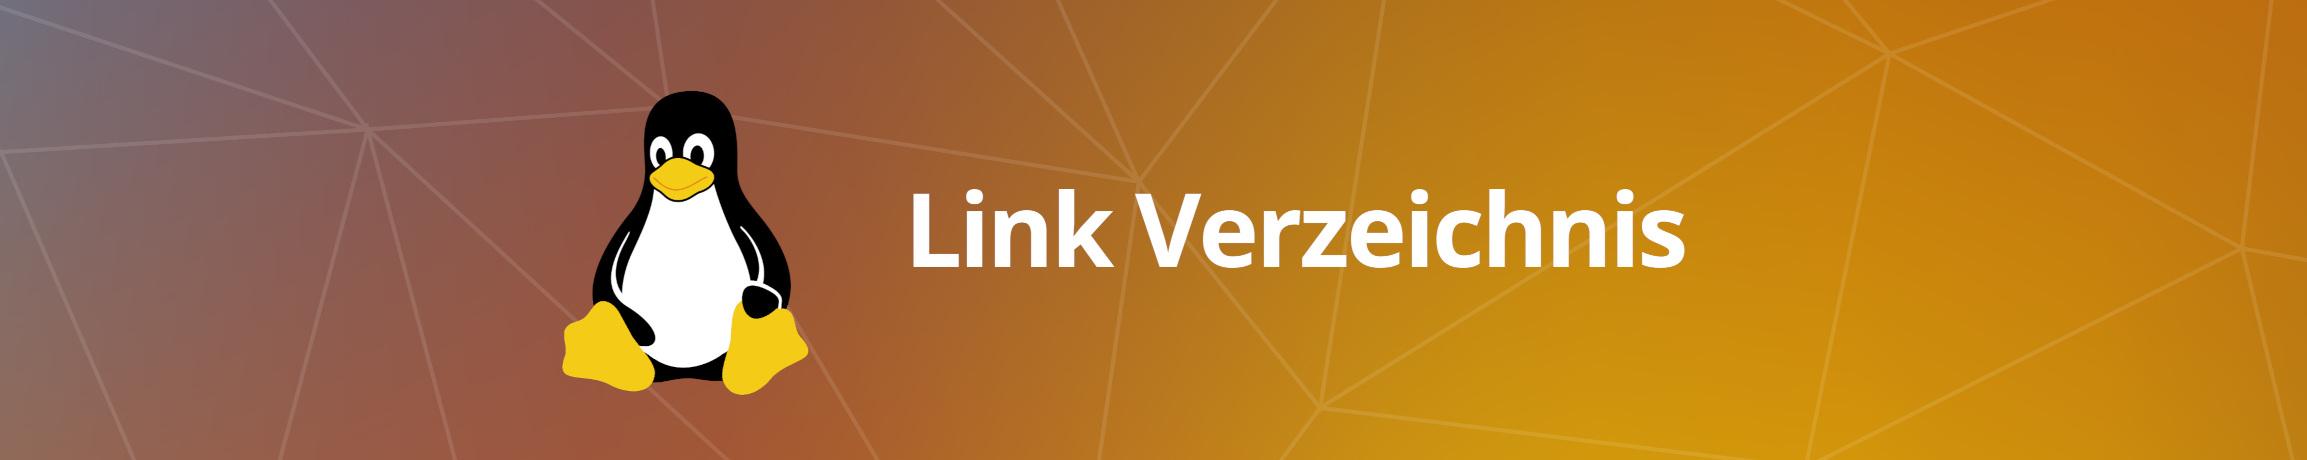 Linux Link Verzeichnis Überschrift